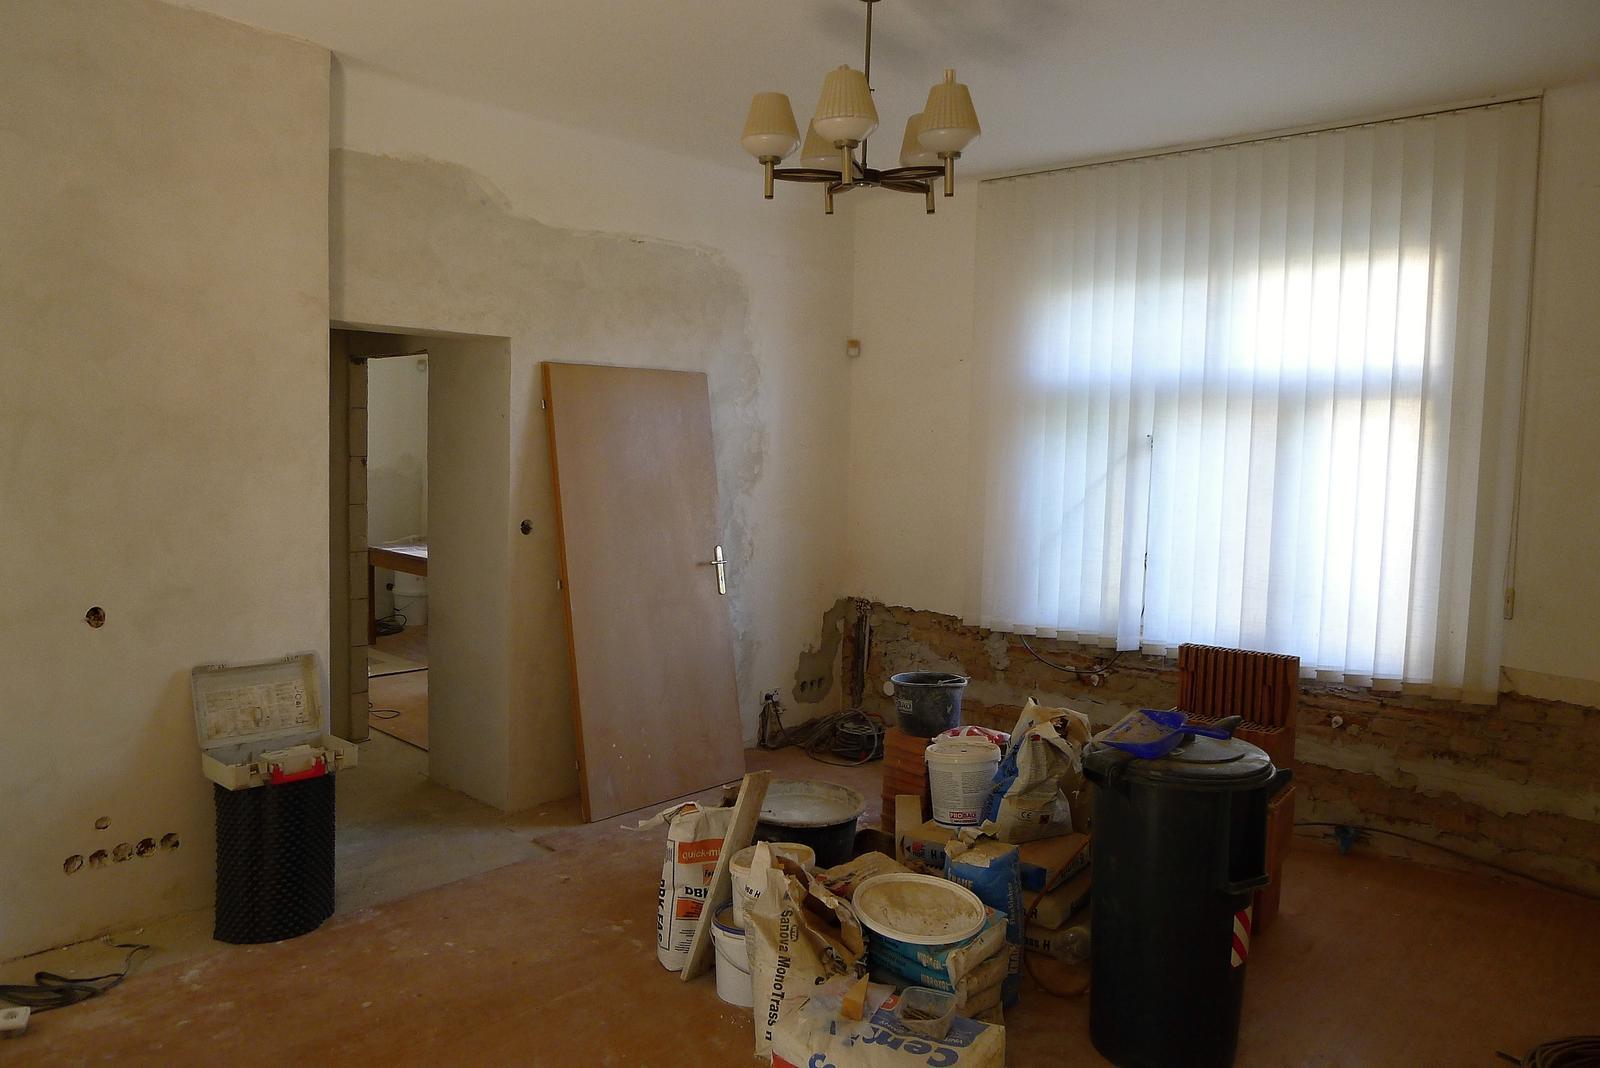 Rekonstrukce našeho domečku - Obrázek č. 92